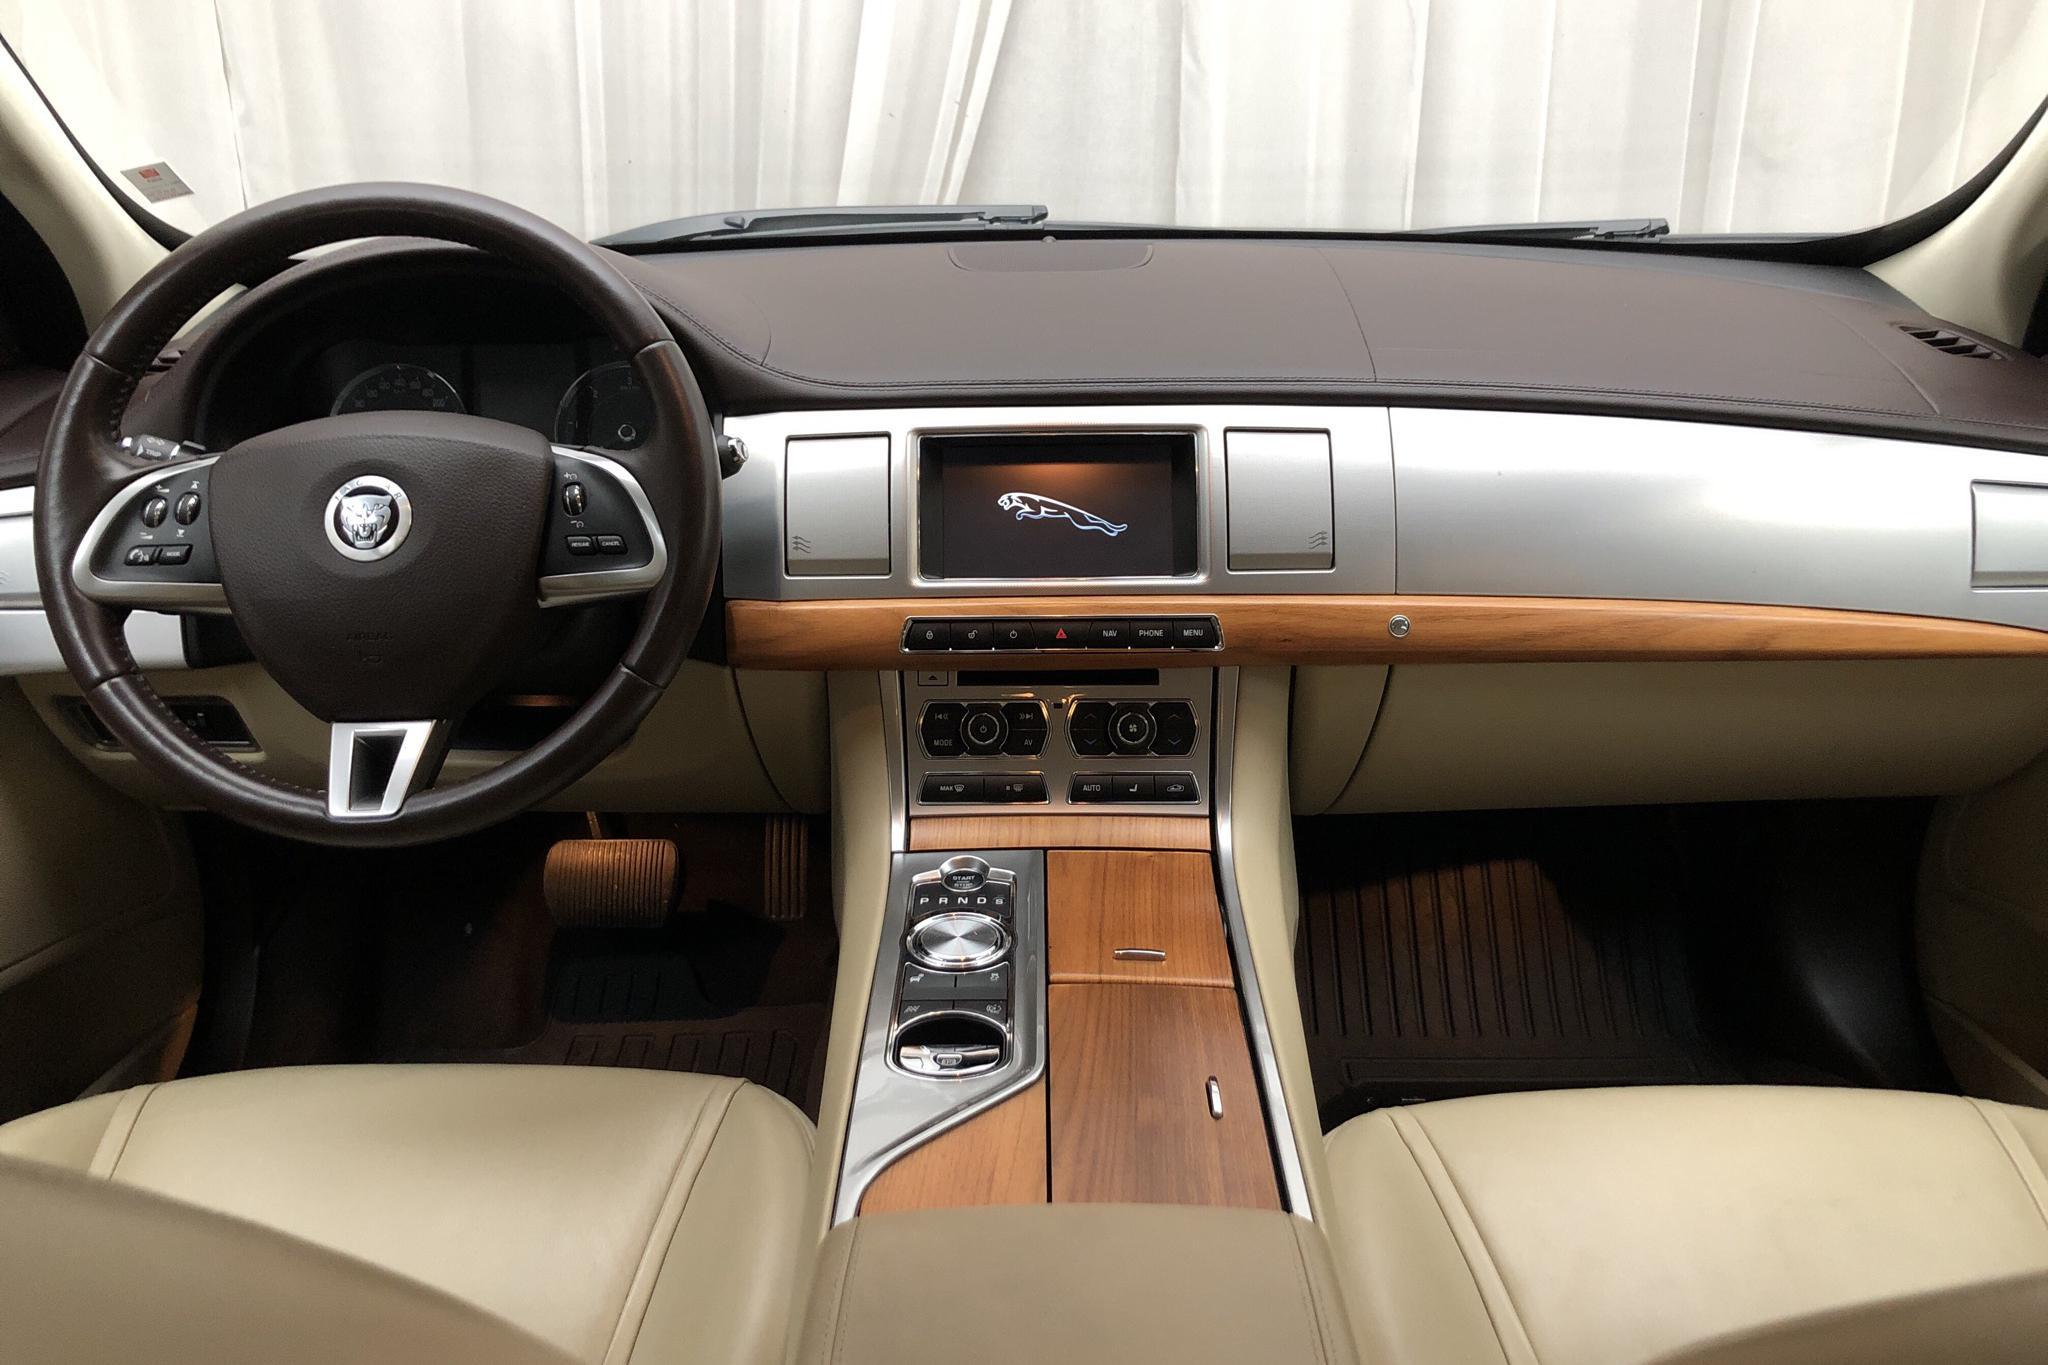 Jaguar XF 3.0 DS (275hk) - 7 656 mil - Automat - grå - 2012